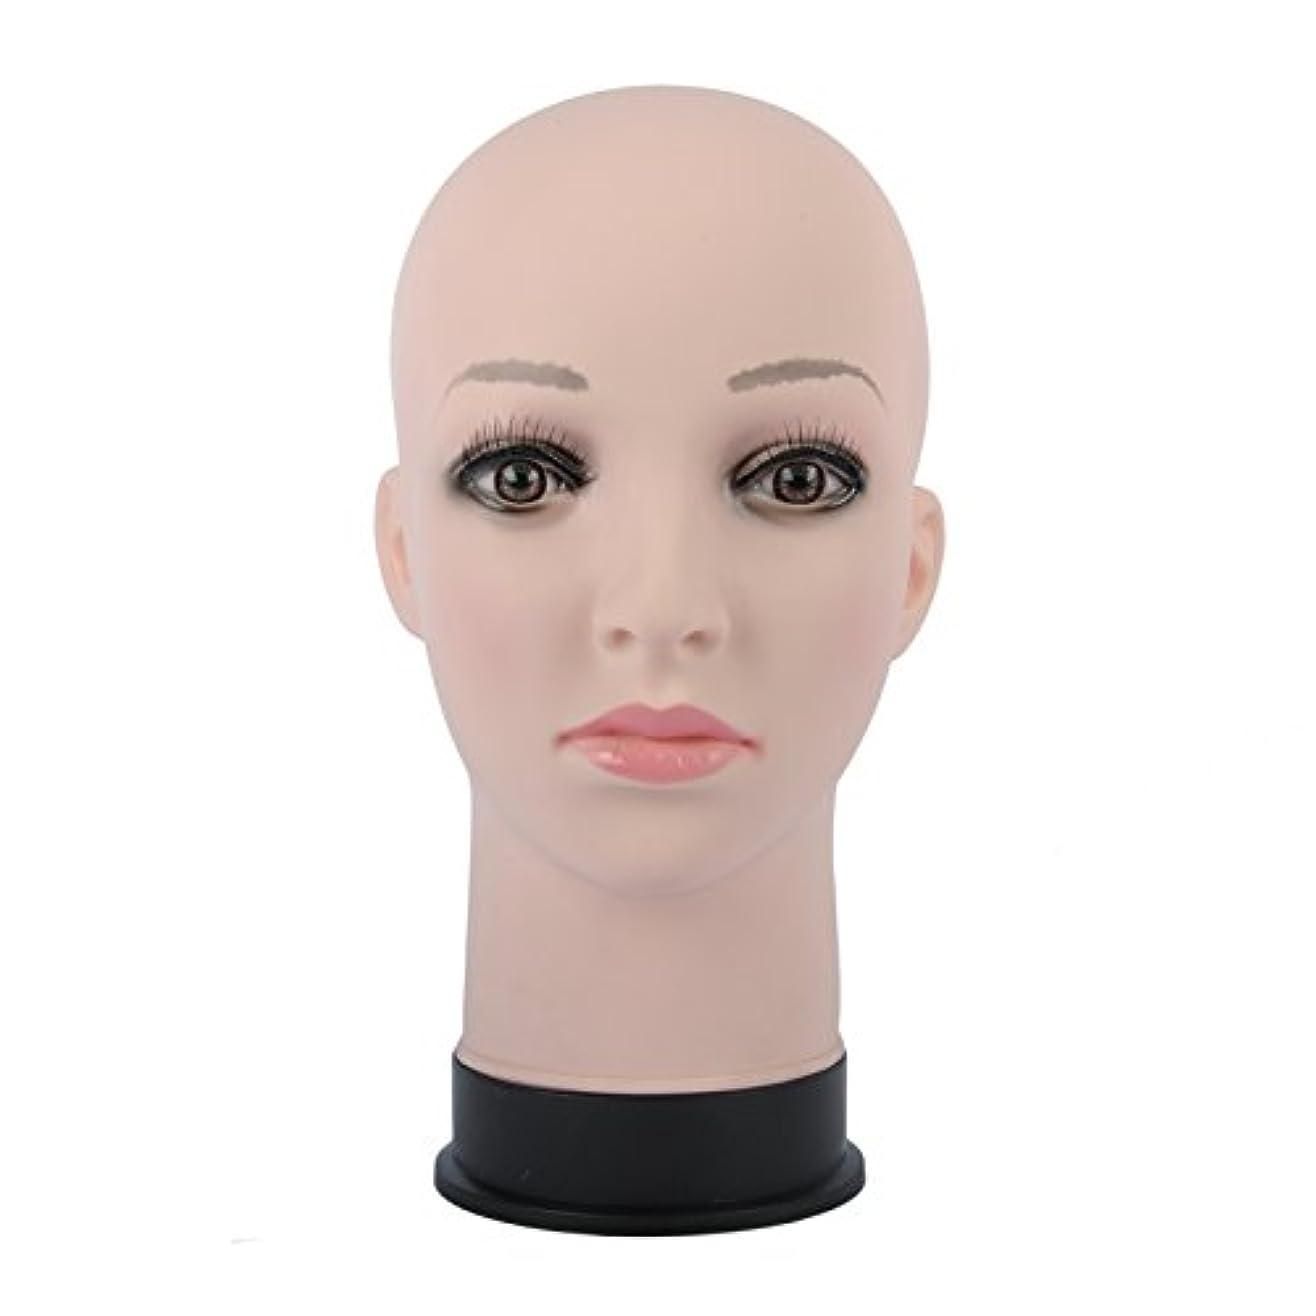 現金電気技師パズルマネキン 頭部 女性 ヘッド マネキンヘッド カット練習 マッサージ練習 トルソー ウィッグスタンド 帽子スタンド 繰り返し利用